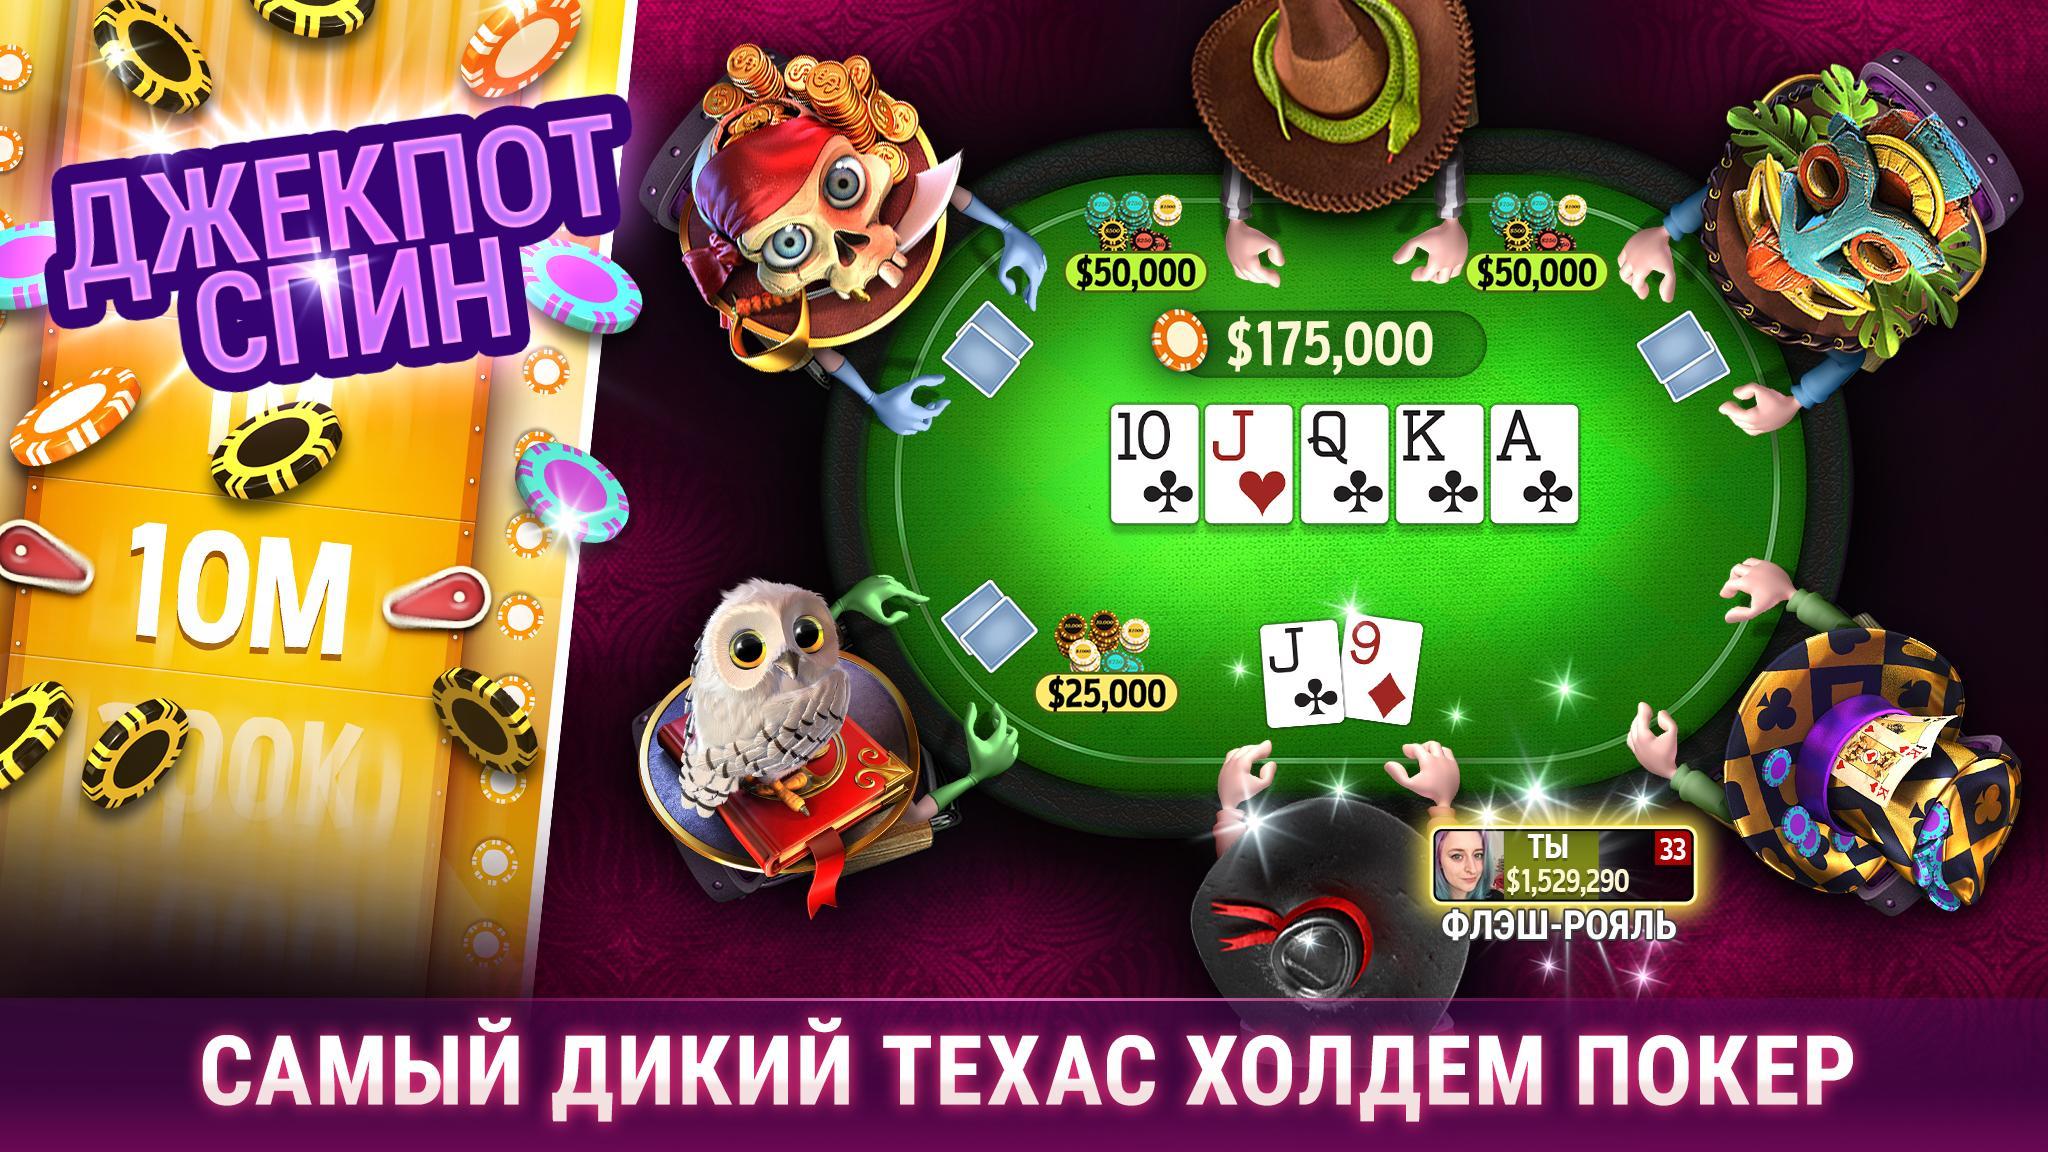 Онлайн покер на диком западе игровые автоматы zoo играть бесплатно